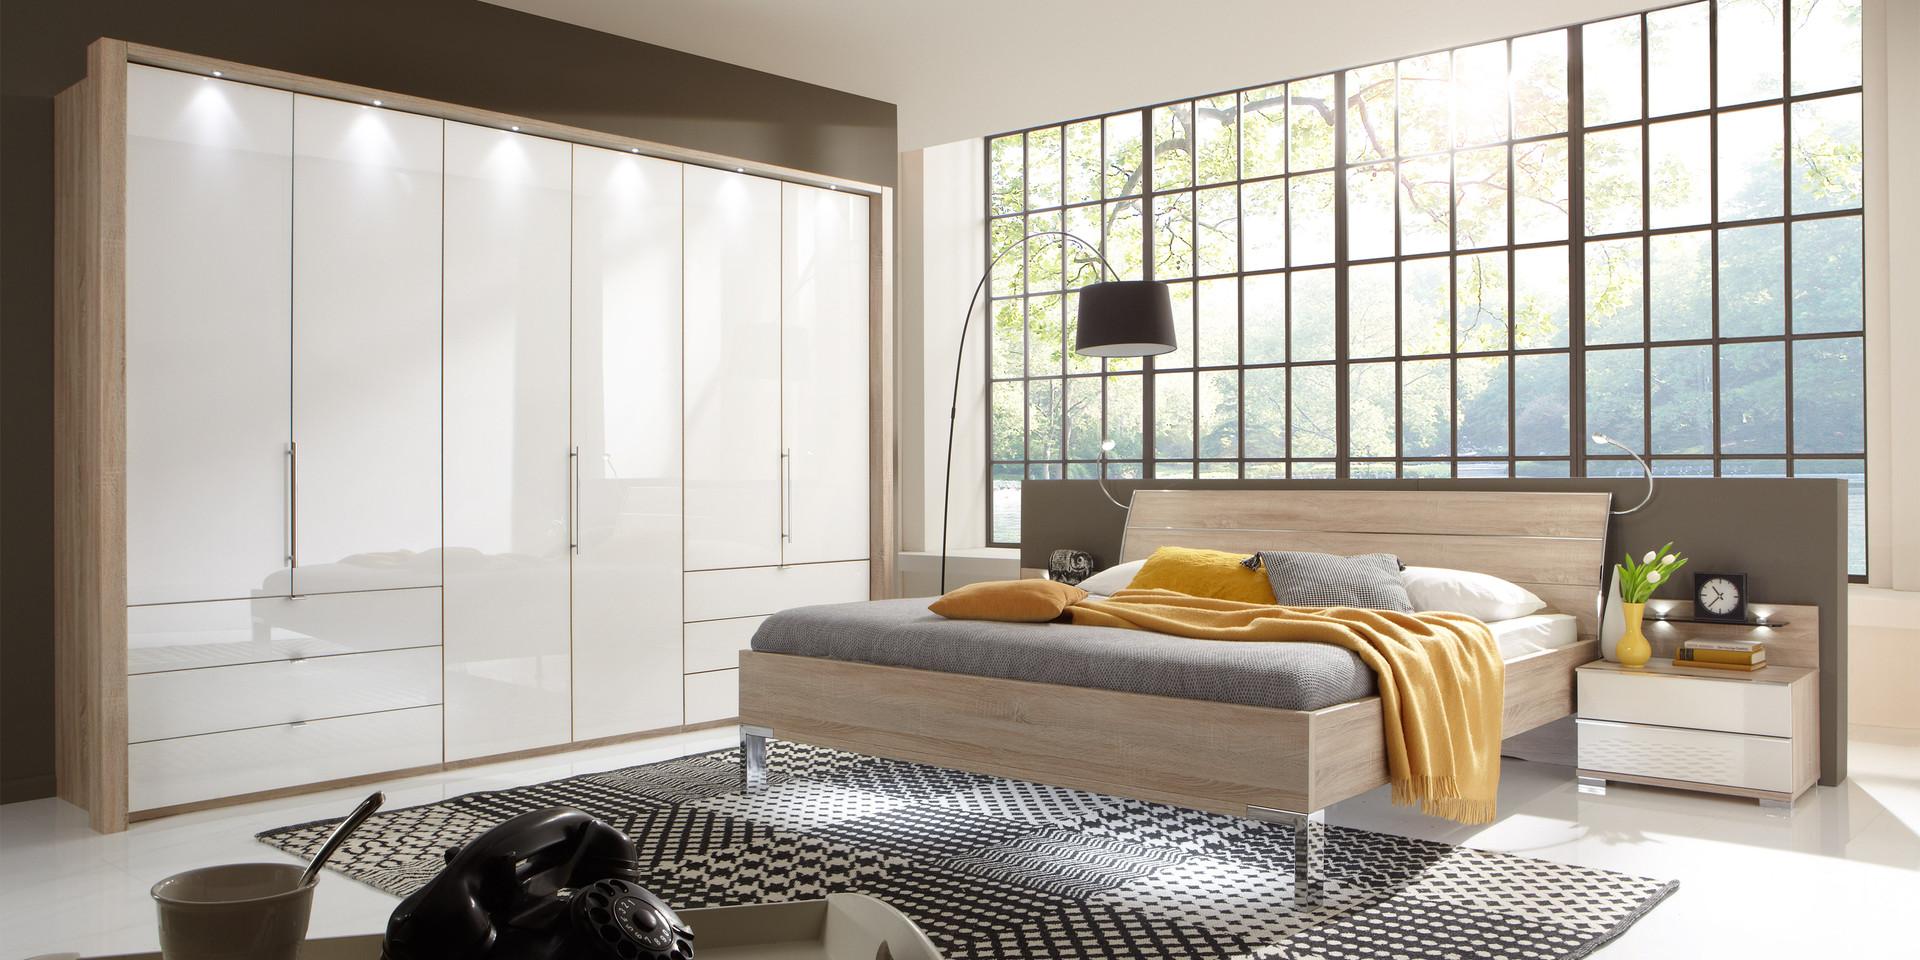 Schlafzimmerschrank wei modern for Schlafzimmerbilder modern